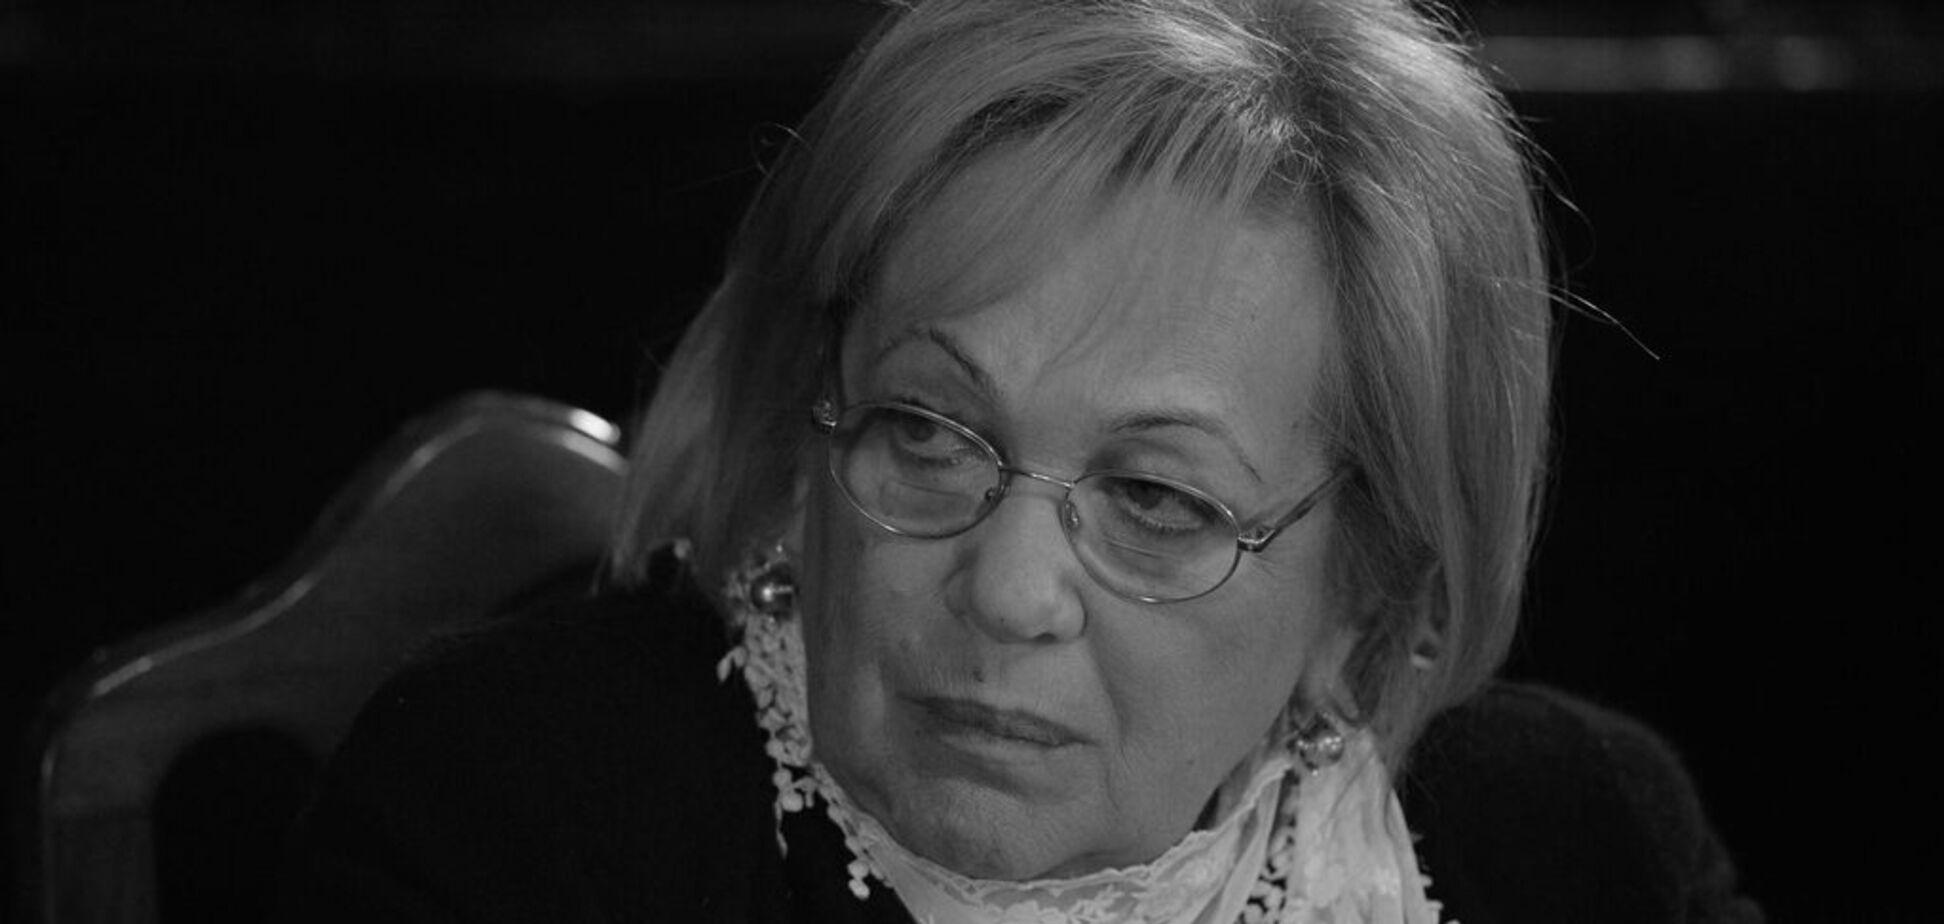 Опубликовано редкое фото правнучек Галины Волчек